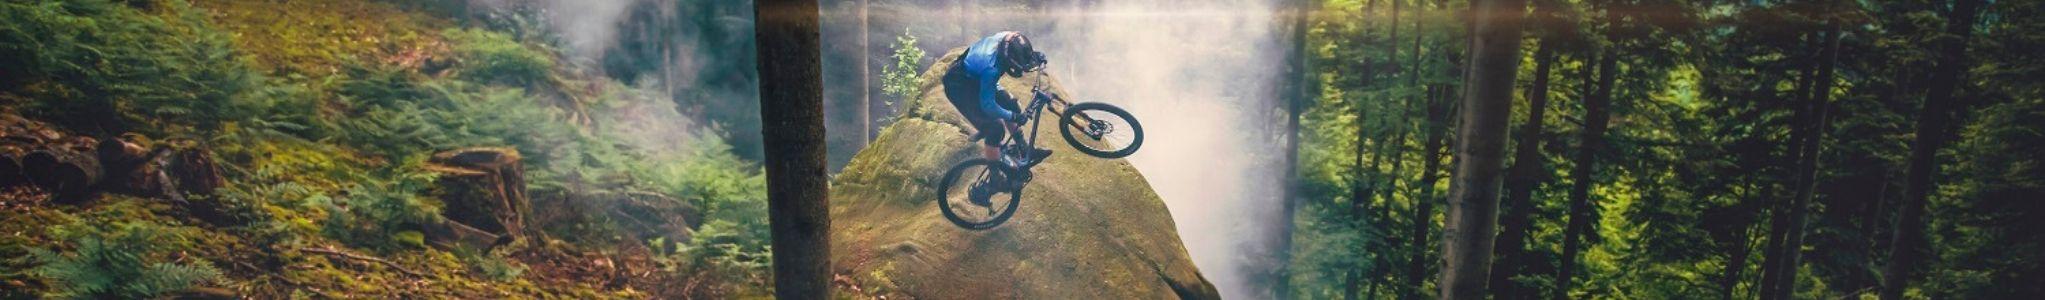 comprar-bicicleta-montaña-mondraker